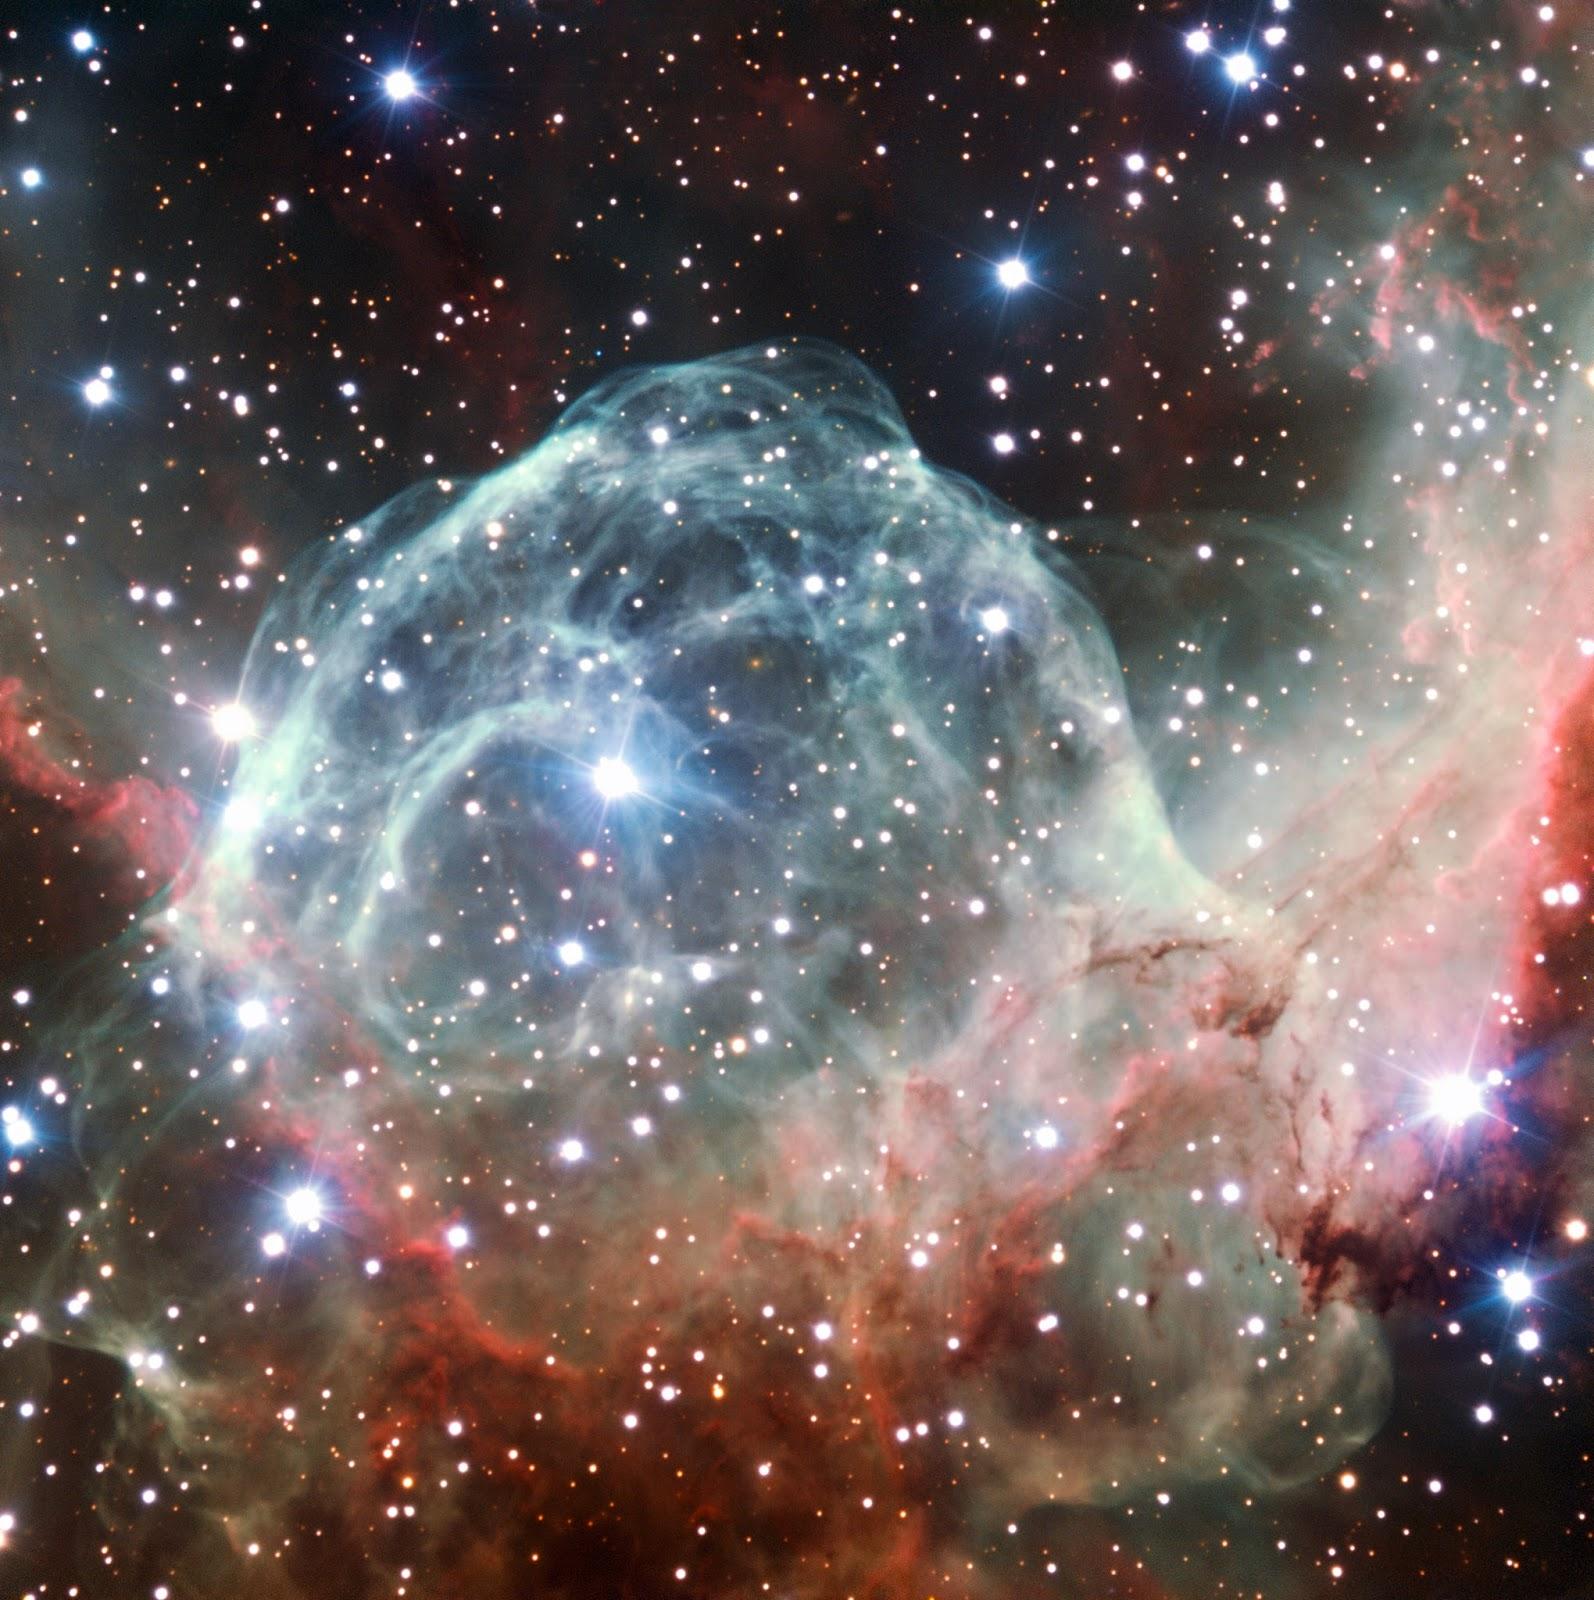 2015 1920x1200 nebula - photo #30